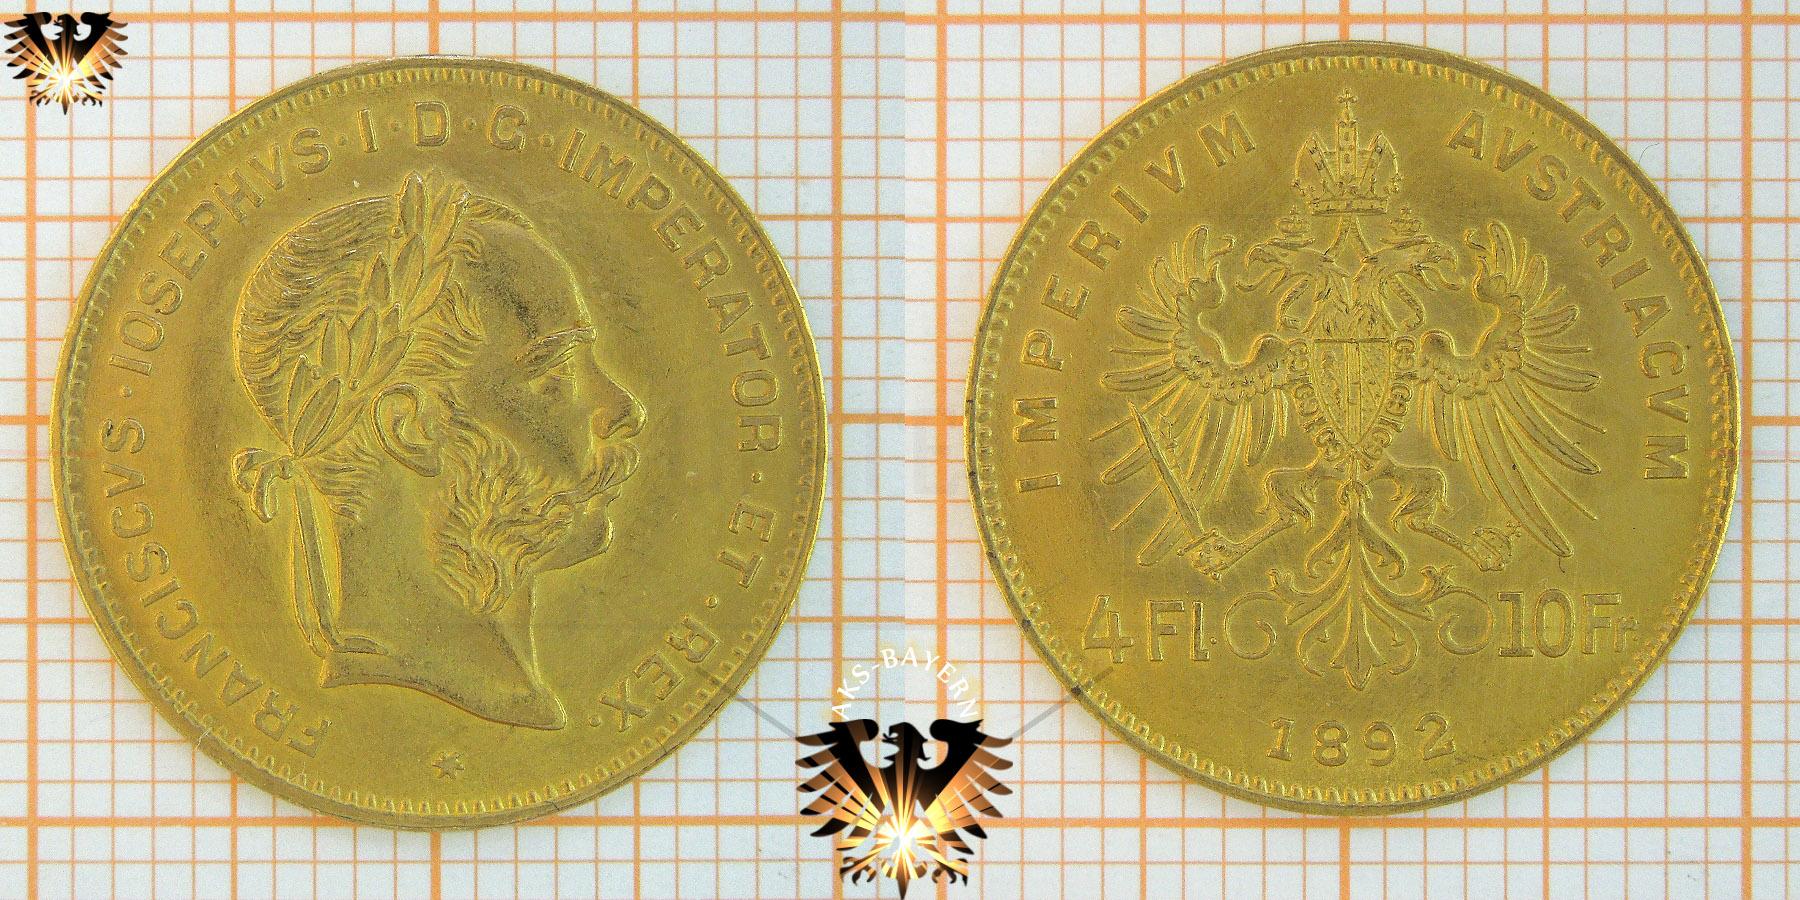 4 Gulden 4 Florin 10 Francs Goldmünzen österreich 1892